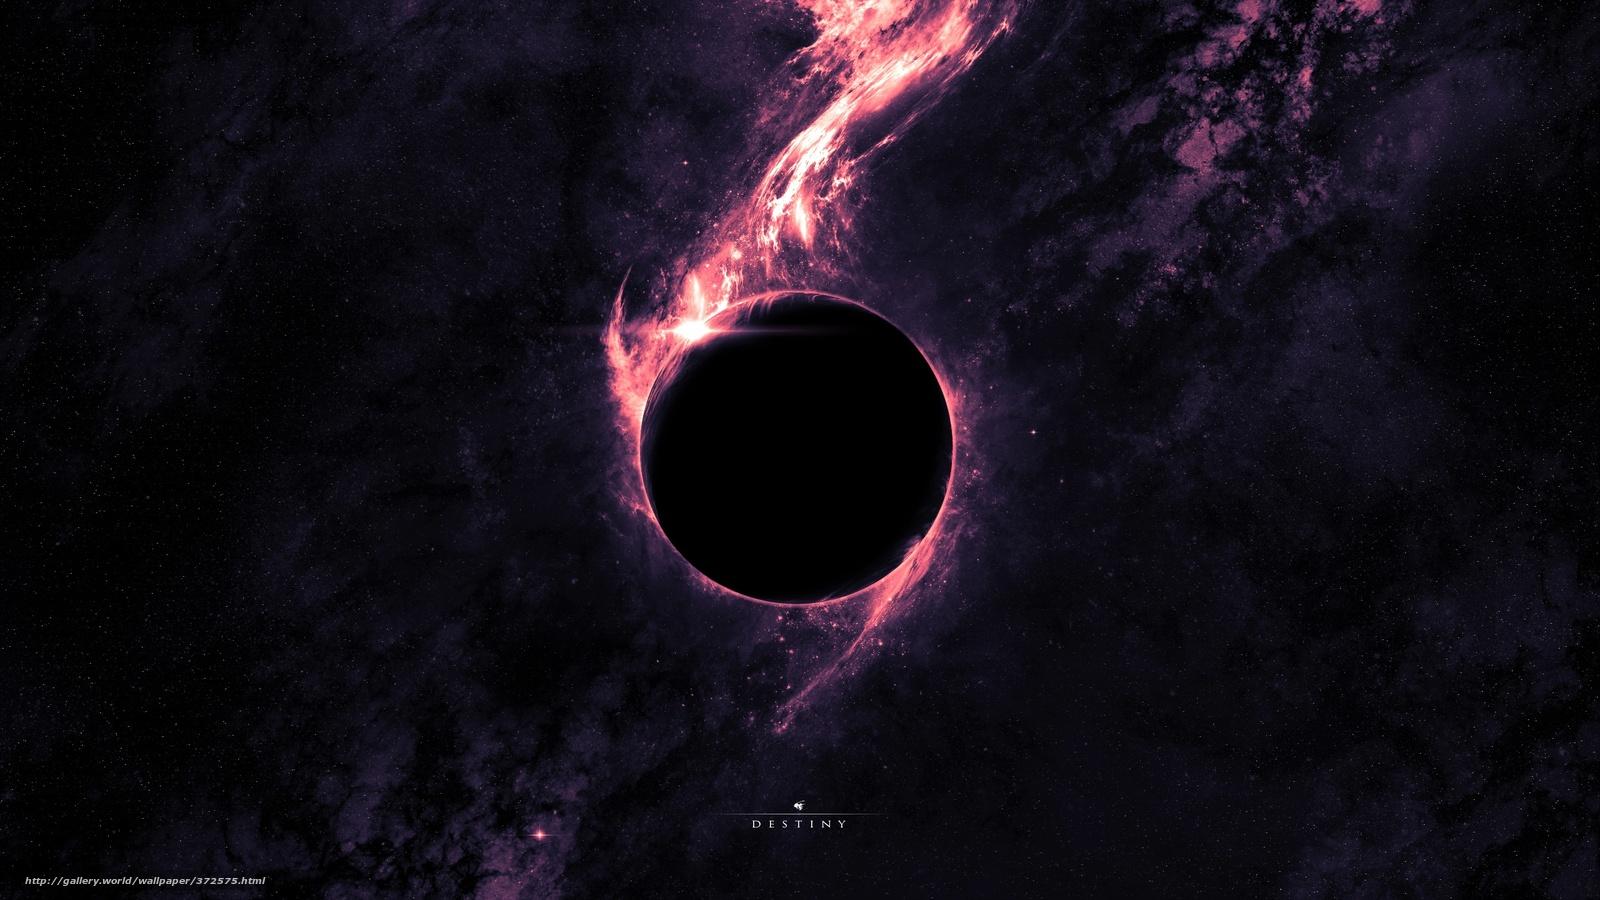 Ютуб порно фото черная дыра 6 фотография